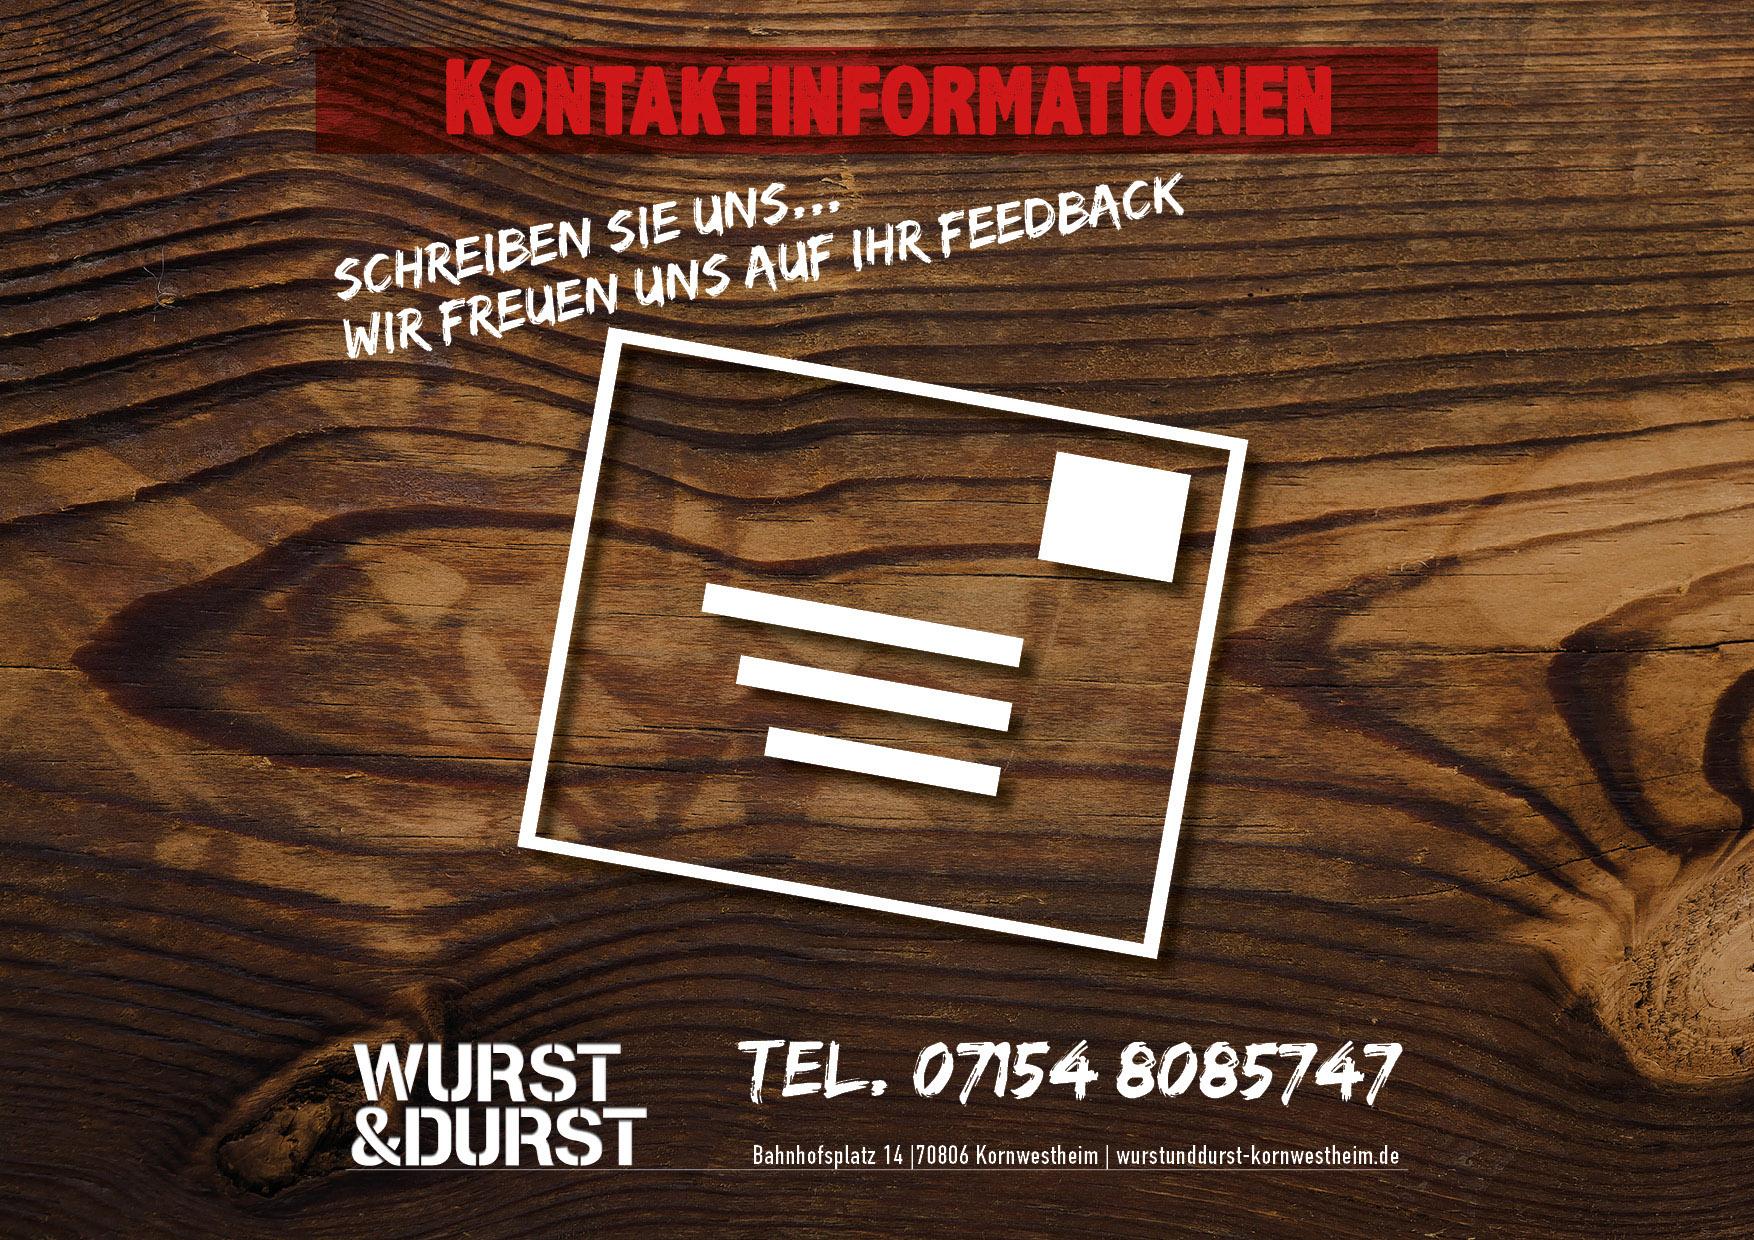 Kontaktinformationen Wurst & Durst Kornwestheim